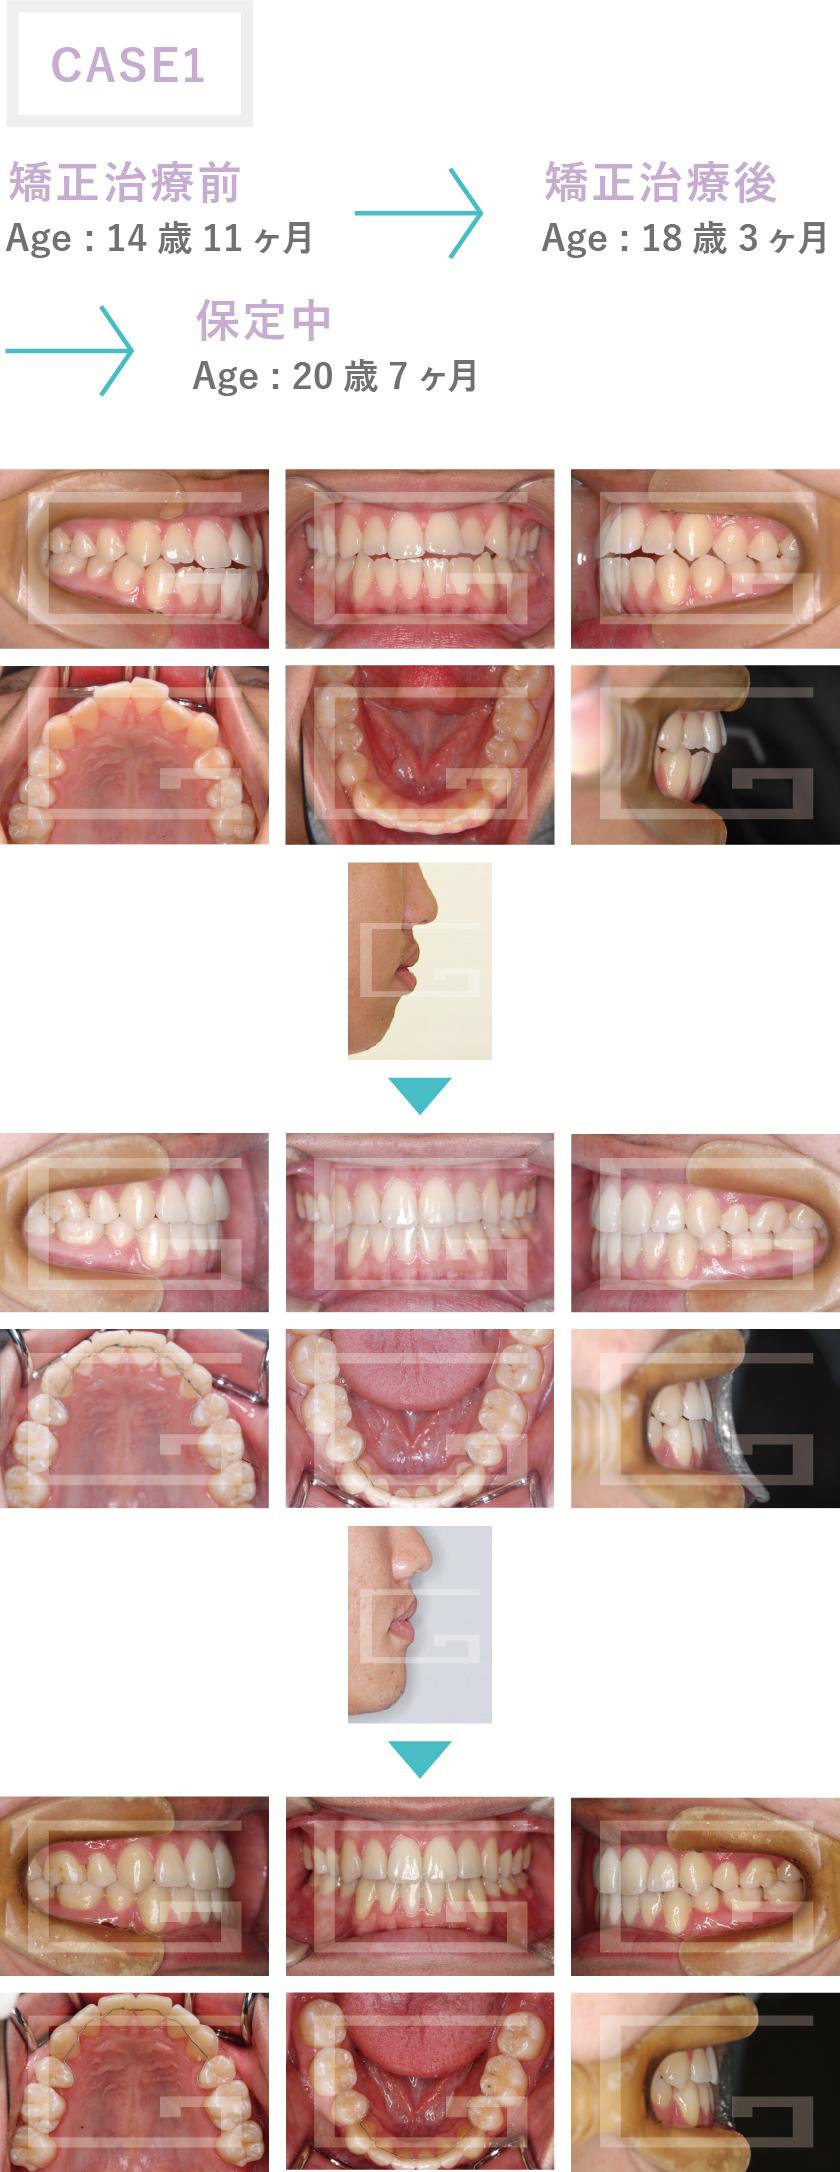 上下顎前突 case1